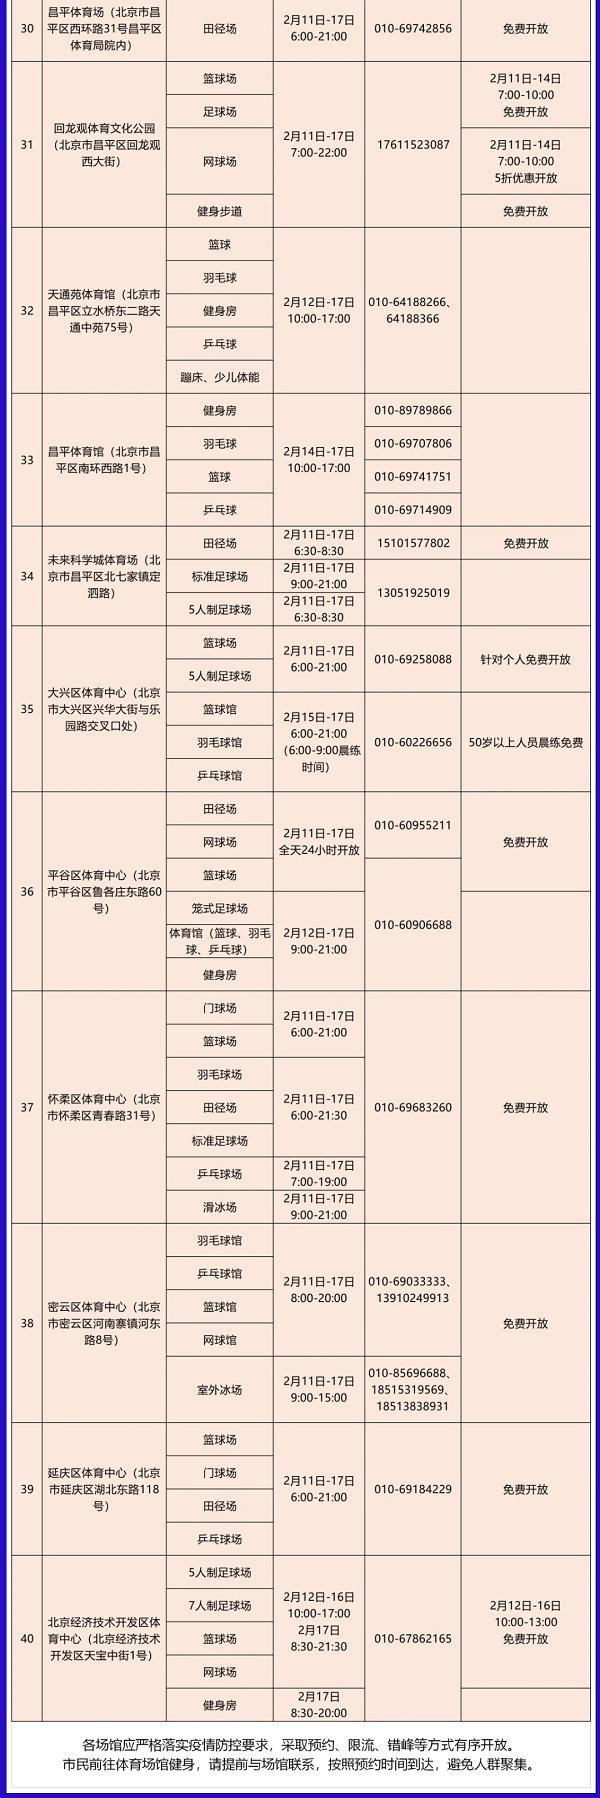 △具體開放時間以各場館實際公告為準